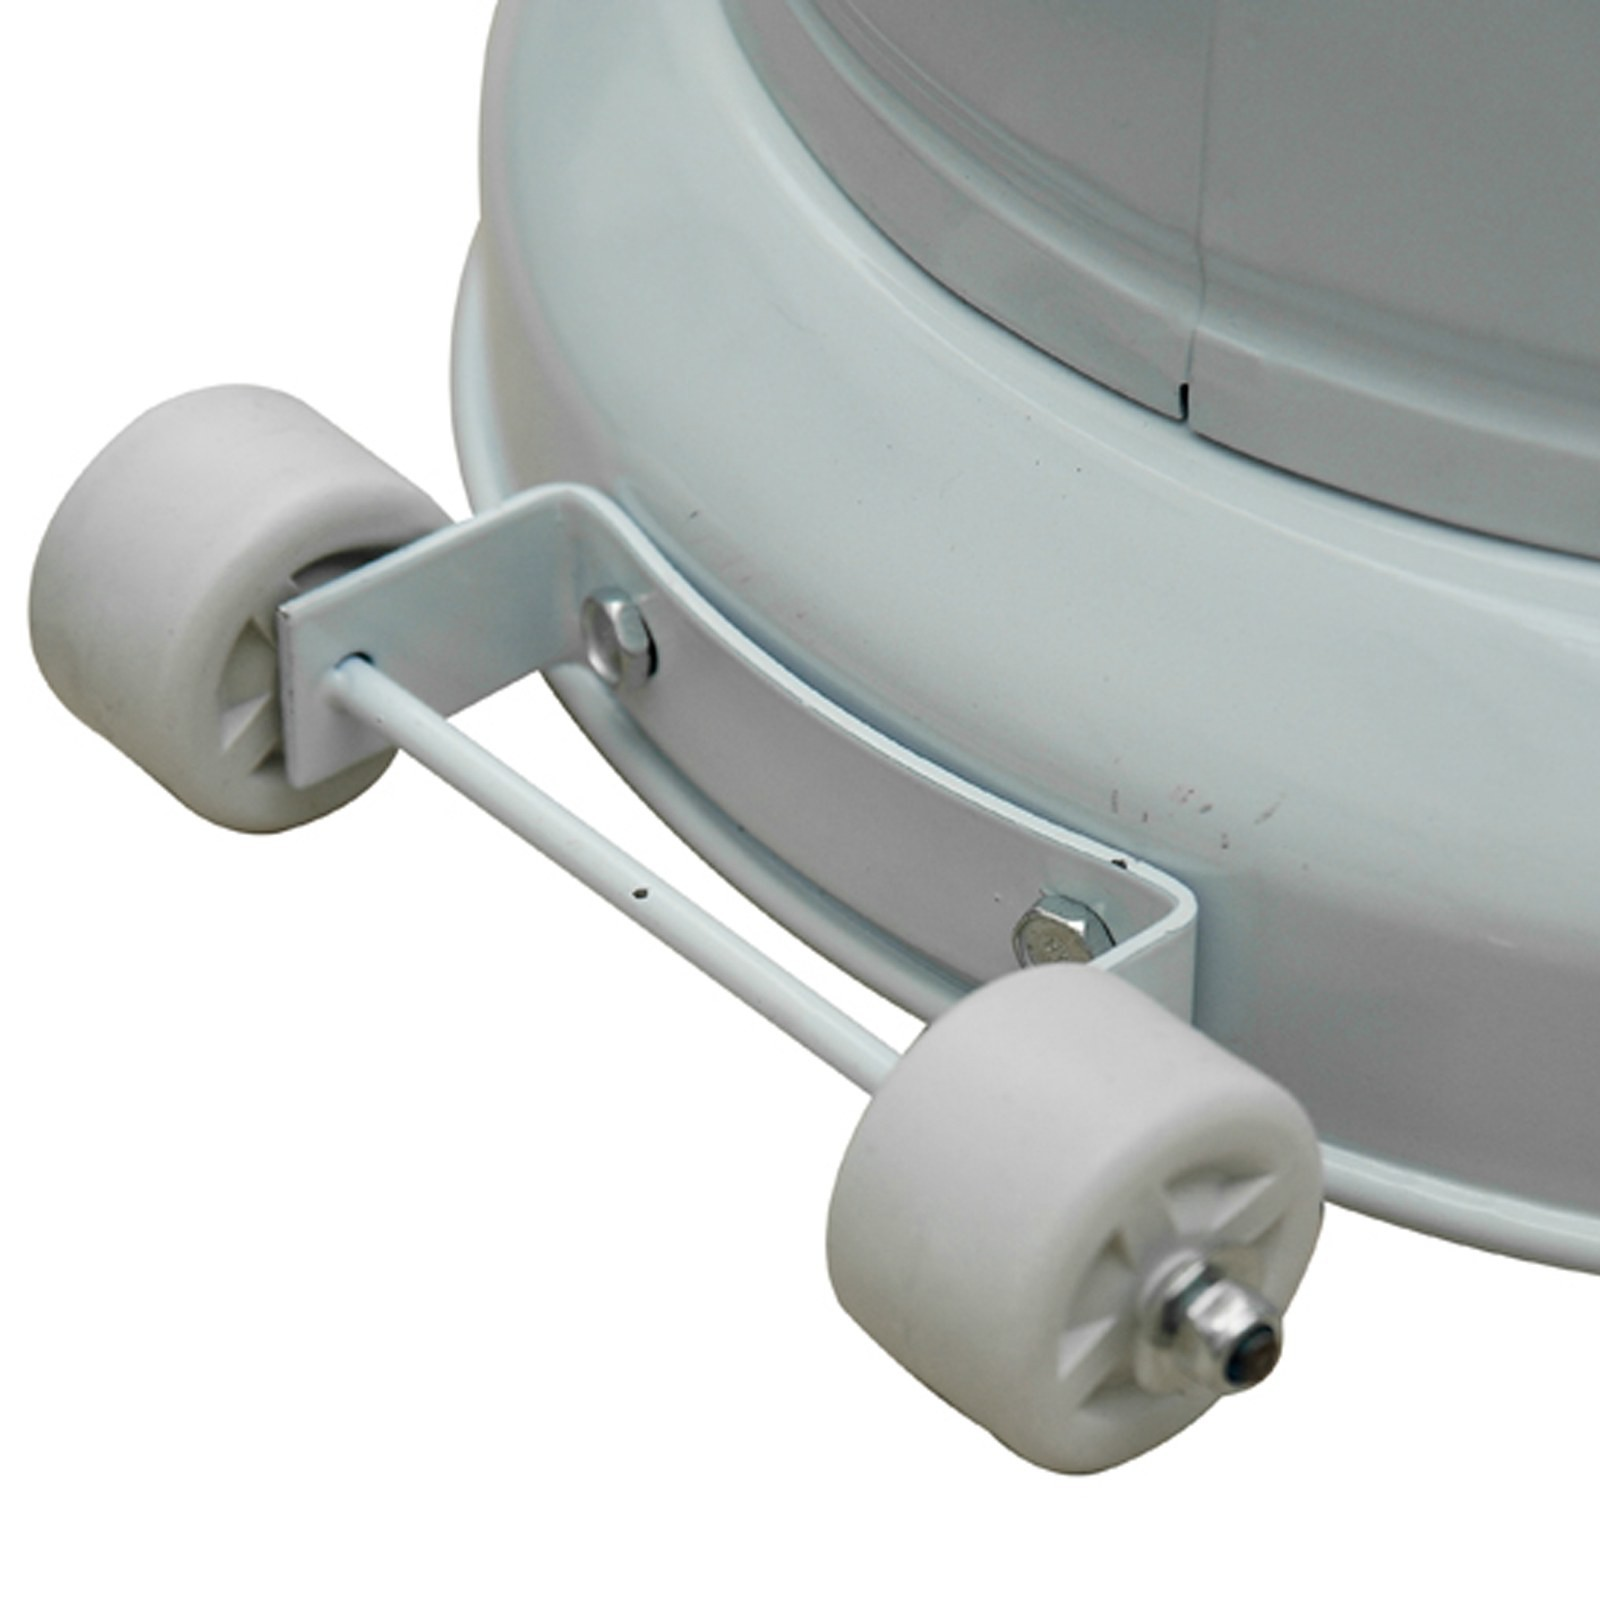 Termopatio stufa a gas fungo per esterno interno for Narratore e interno o esterno